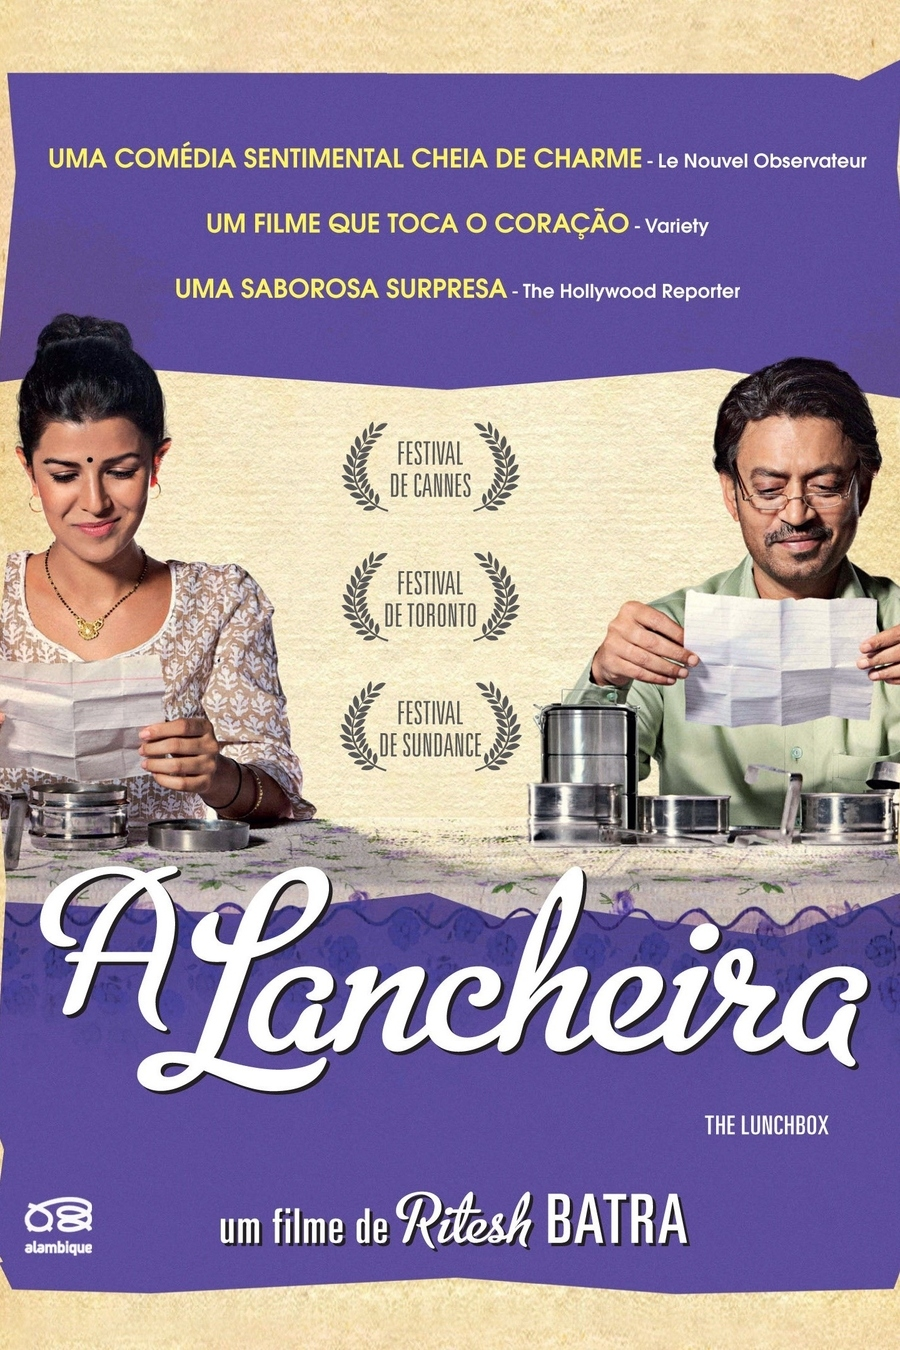 A Lancheira